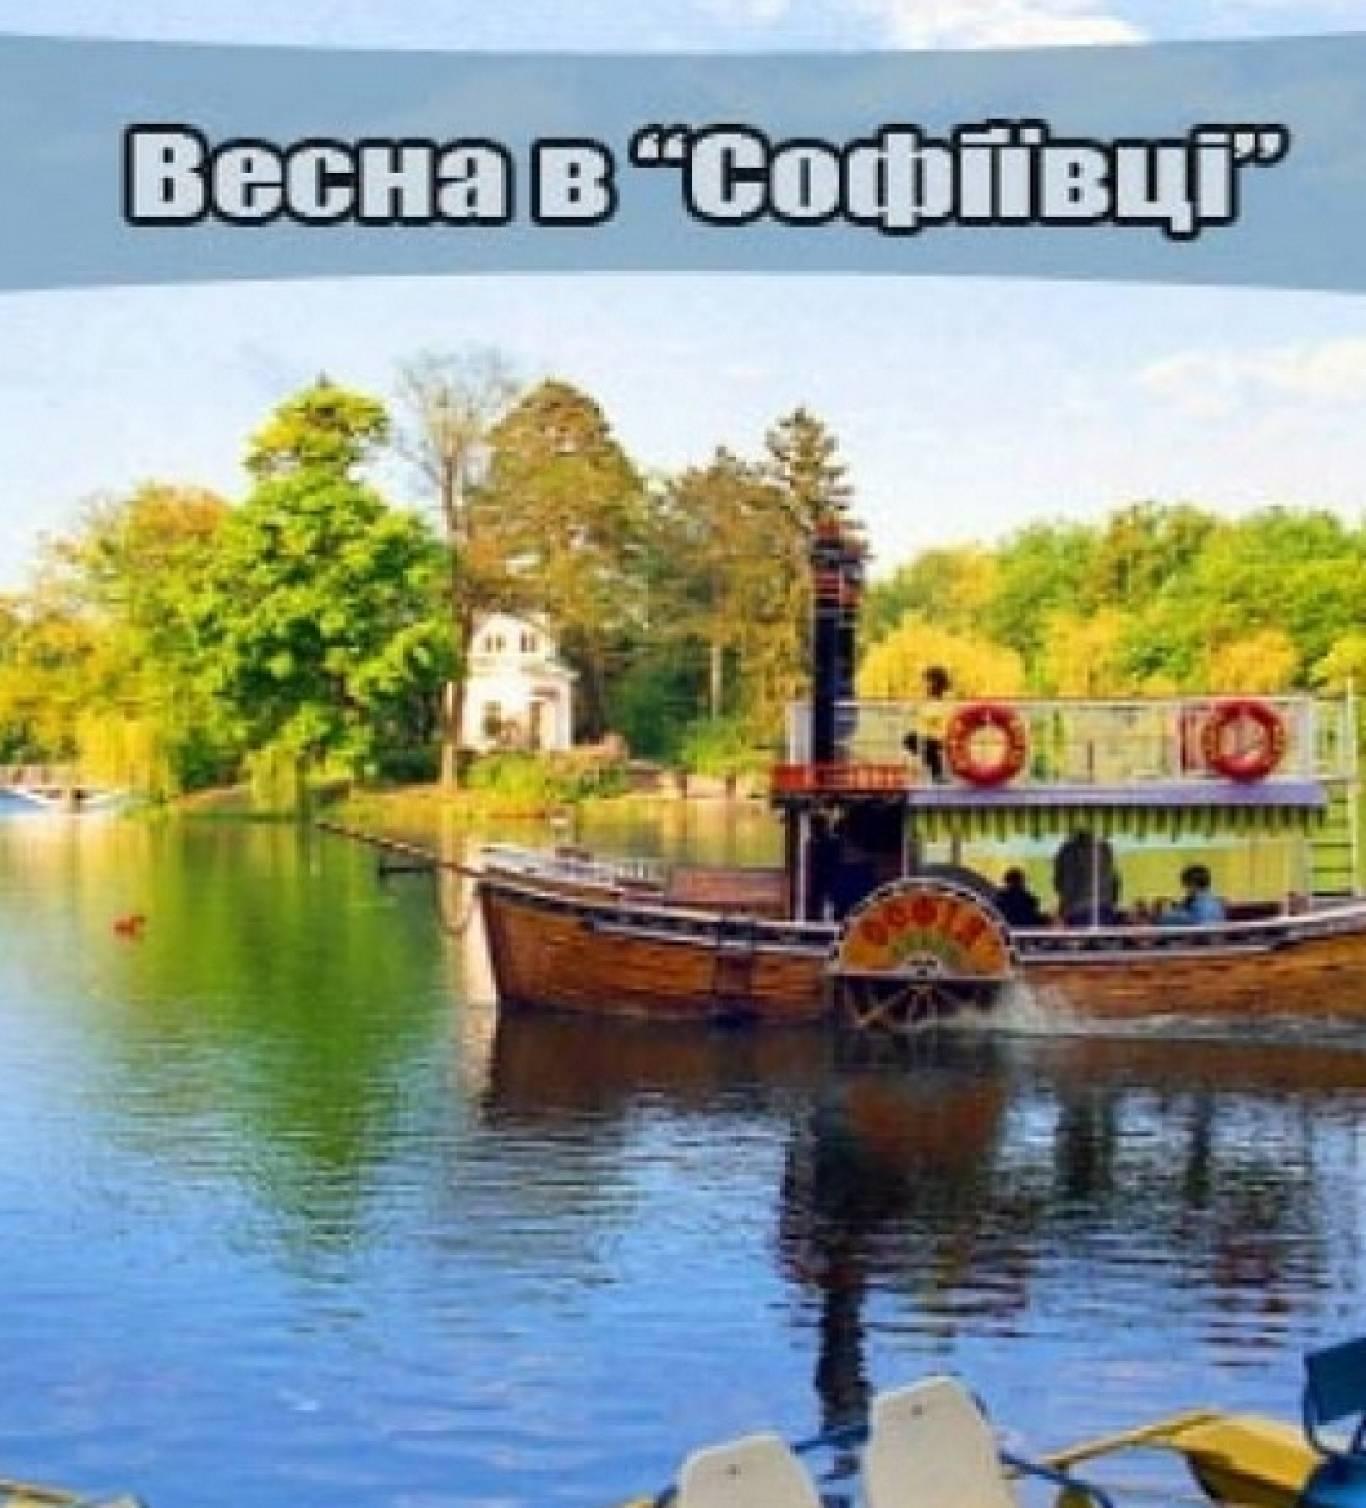 Весна в Софіївці